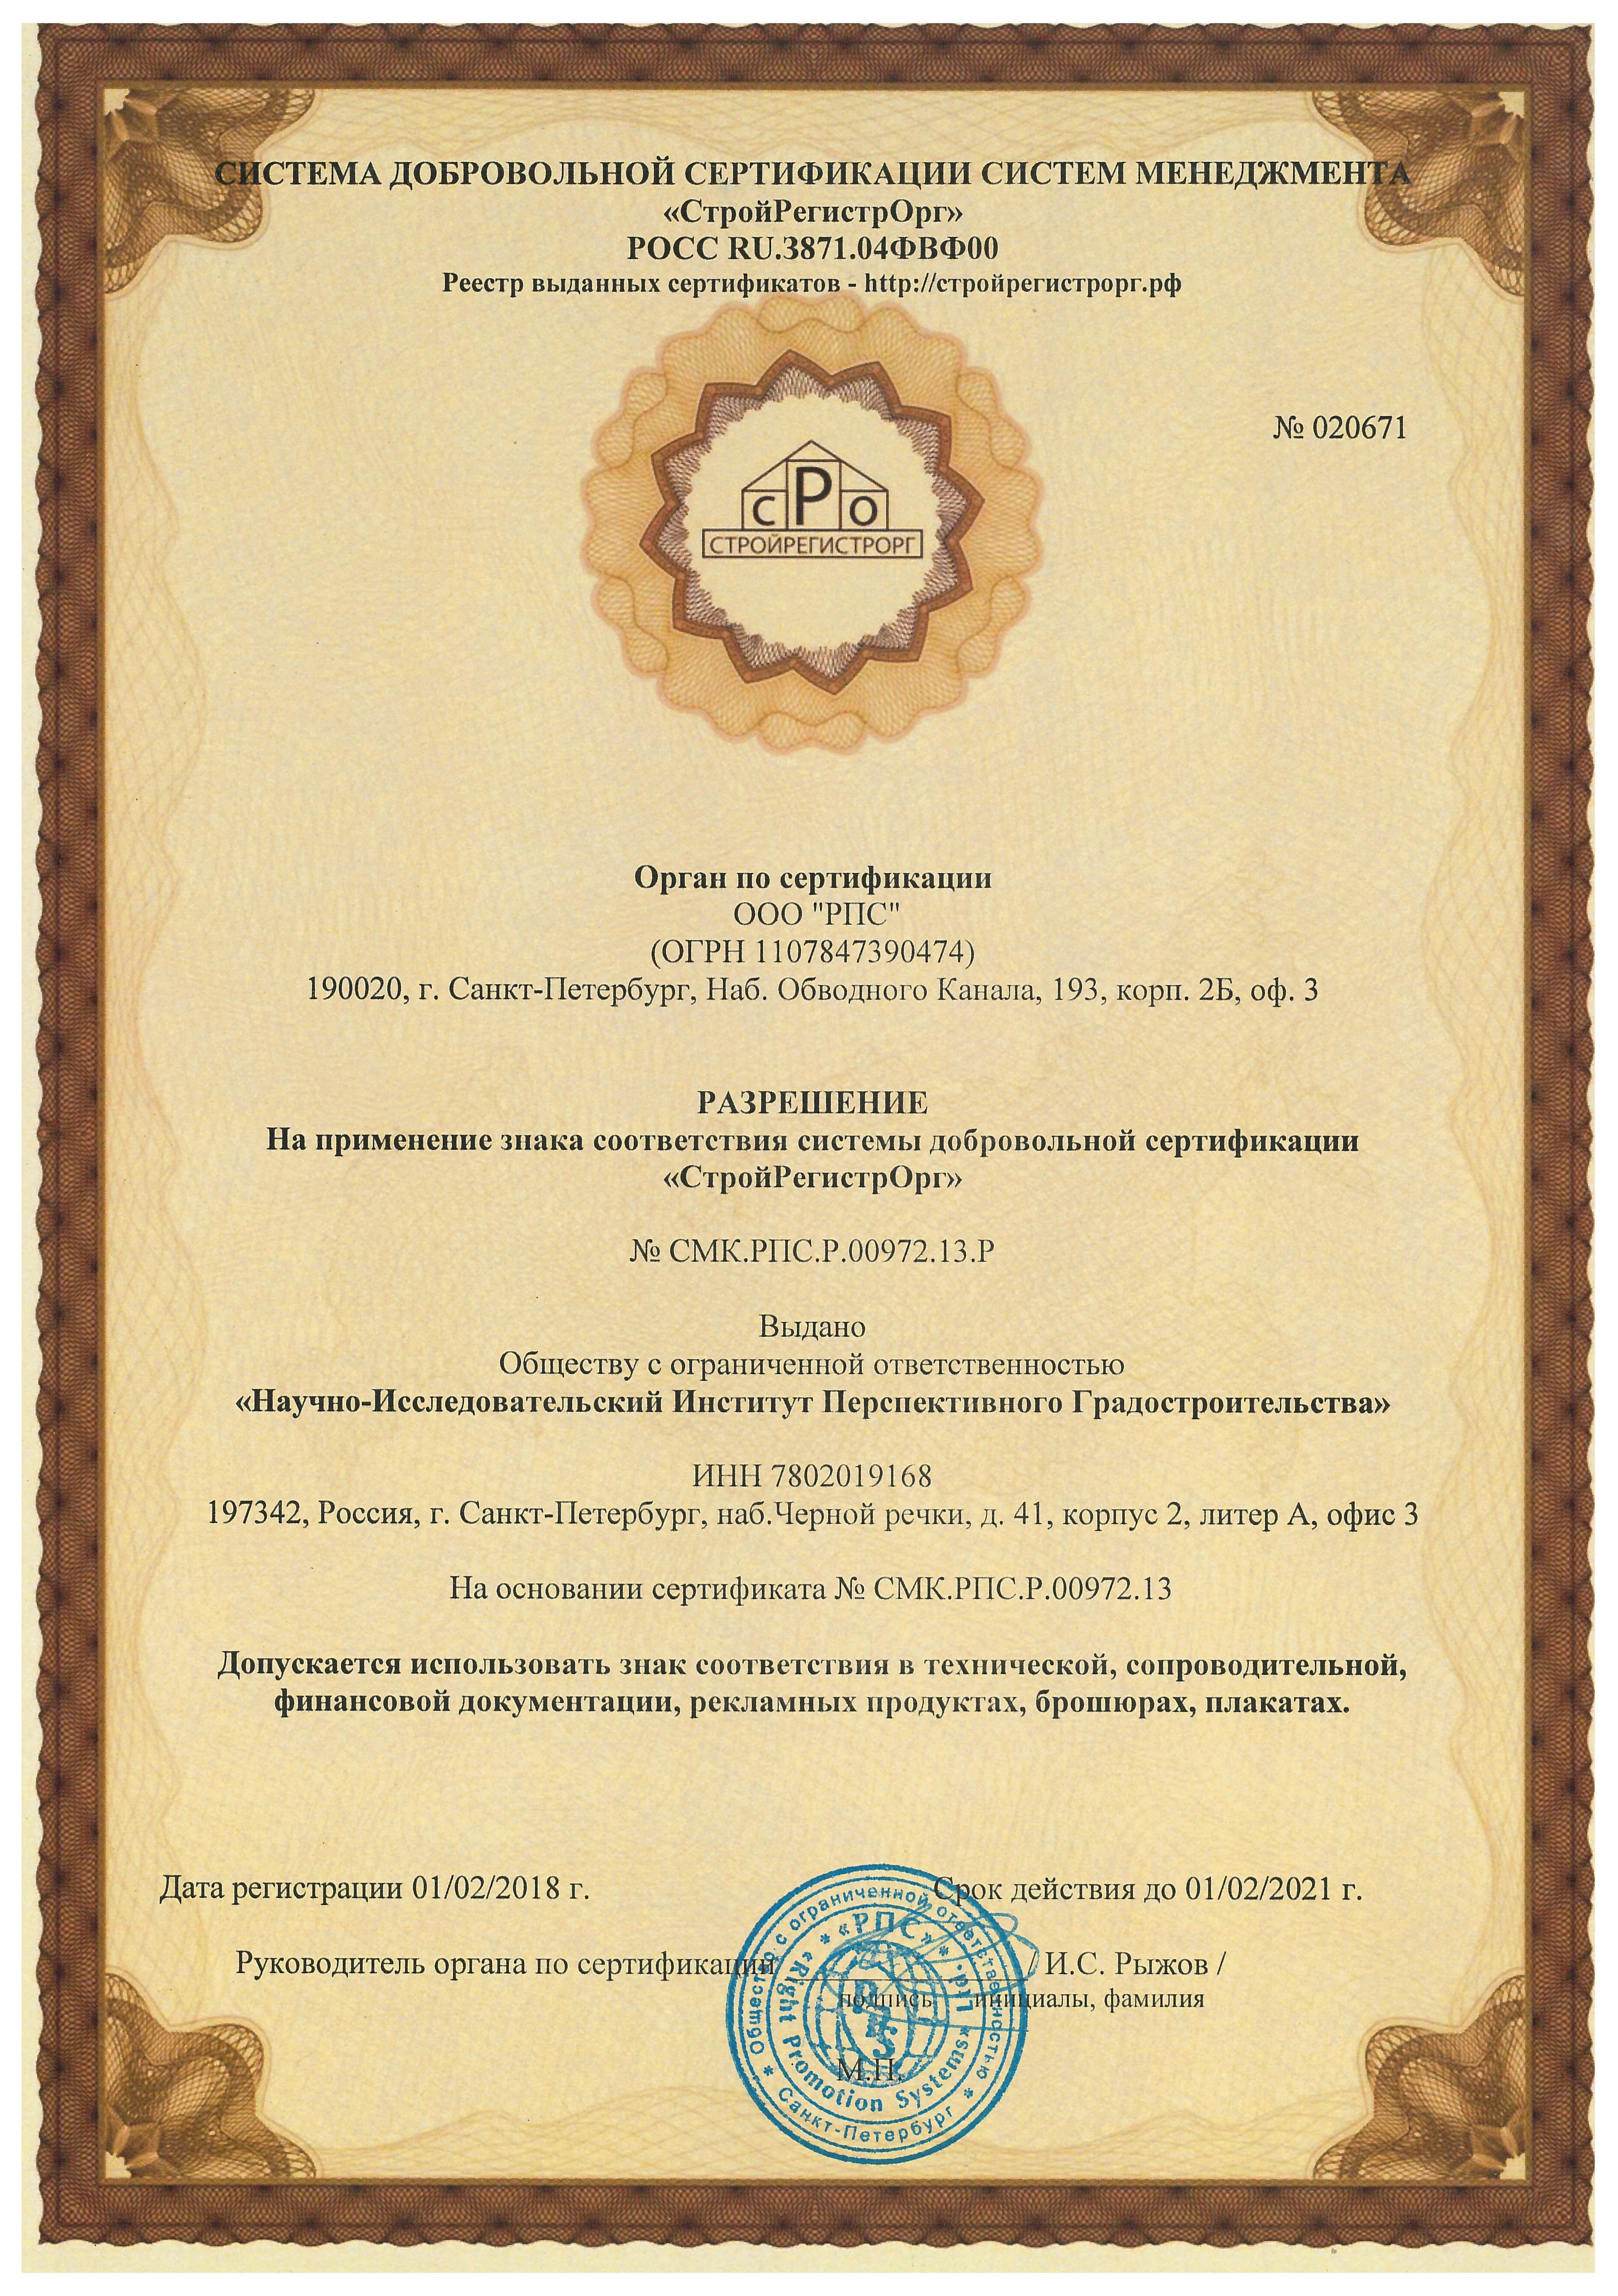 Разрешение на добровольную сертификацию